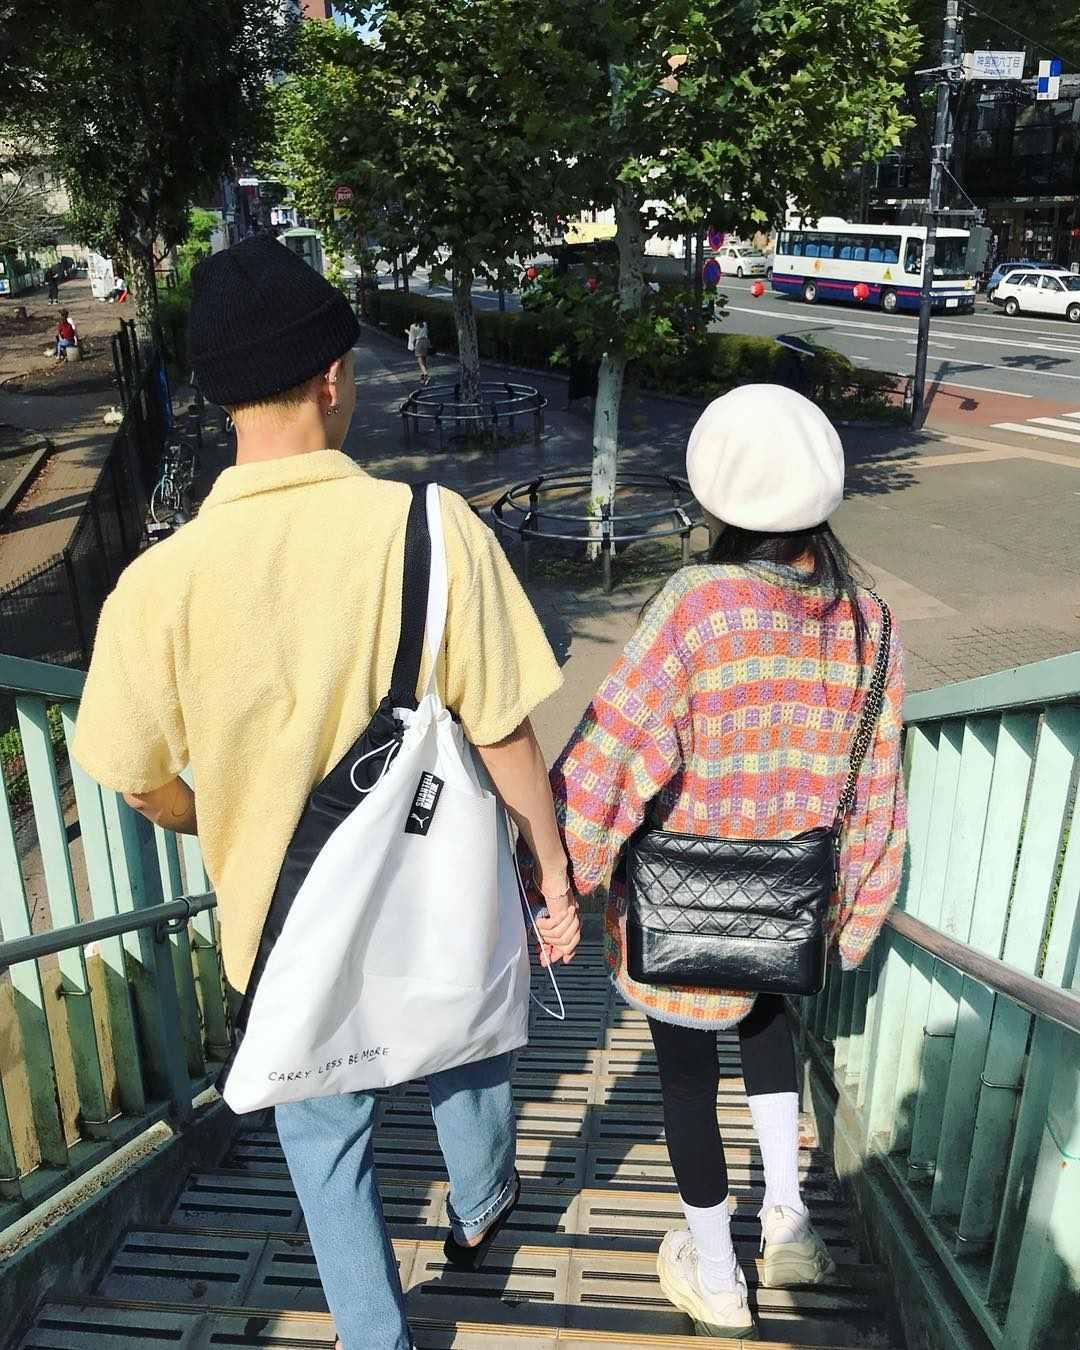 照片中可以看到兩人手牽手親密的走在一起,過著與一般情侶一樣的日常生活。不過卻有PENTAGON的粉絲表示泫雅選在今天PO出兩人的照片似乎是故意的...